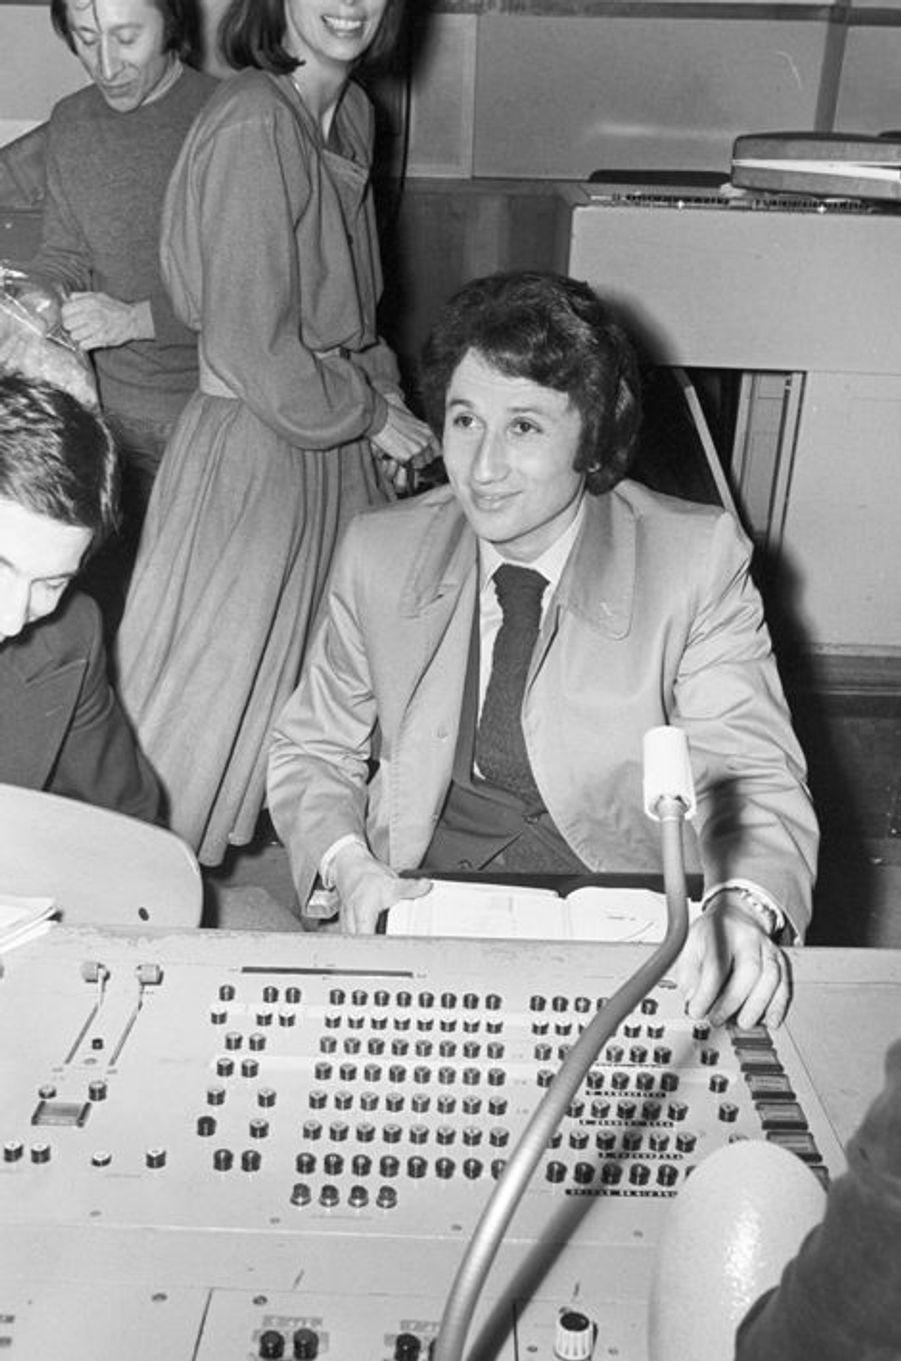 Paris, le 30 Décembre 1974. Lors de la suppression de l'ORTF en charge du service public de l'audiovisuel, Michel Drucker, animateur de télévisio...